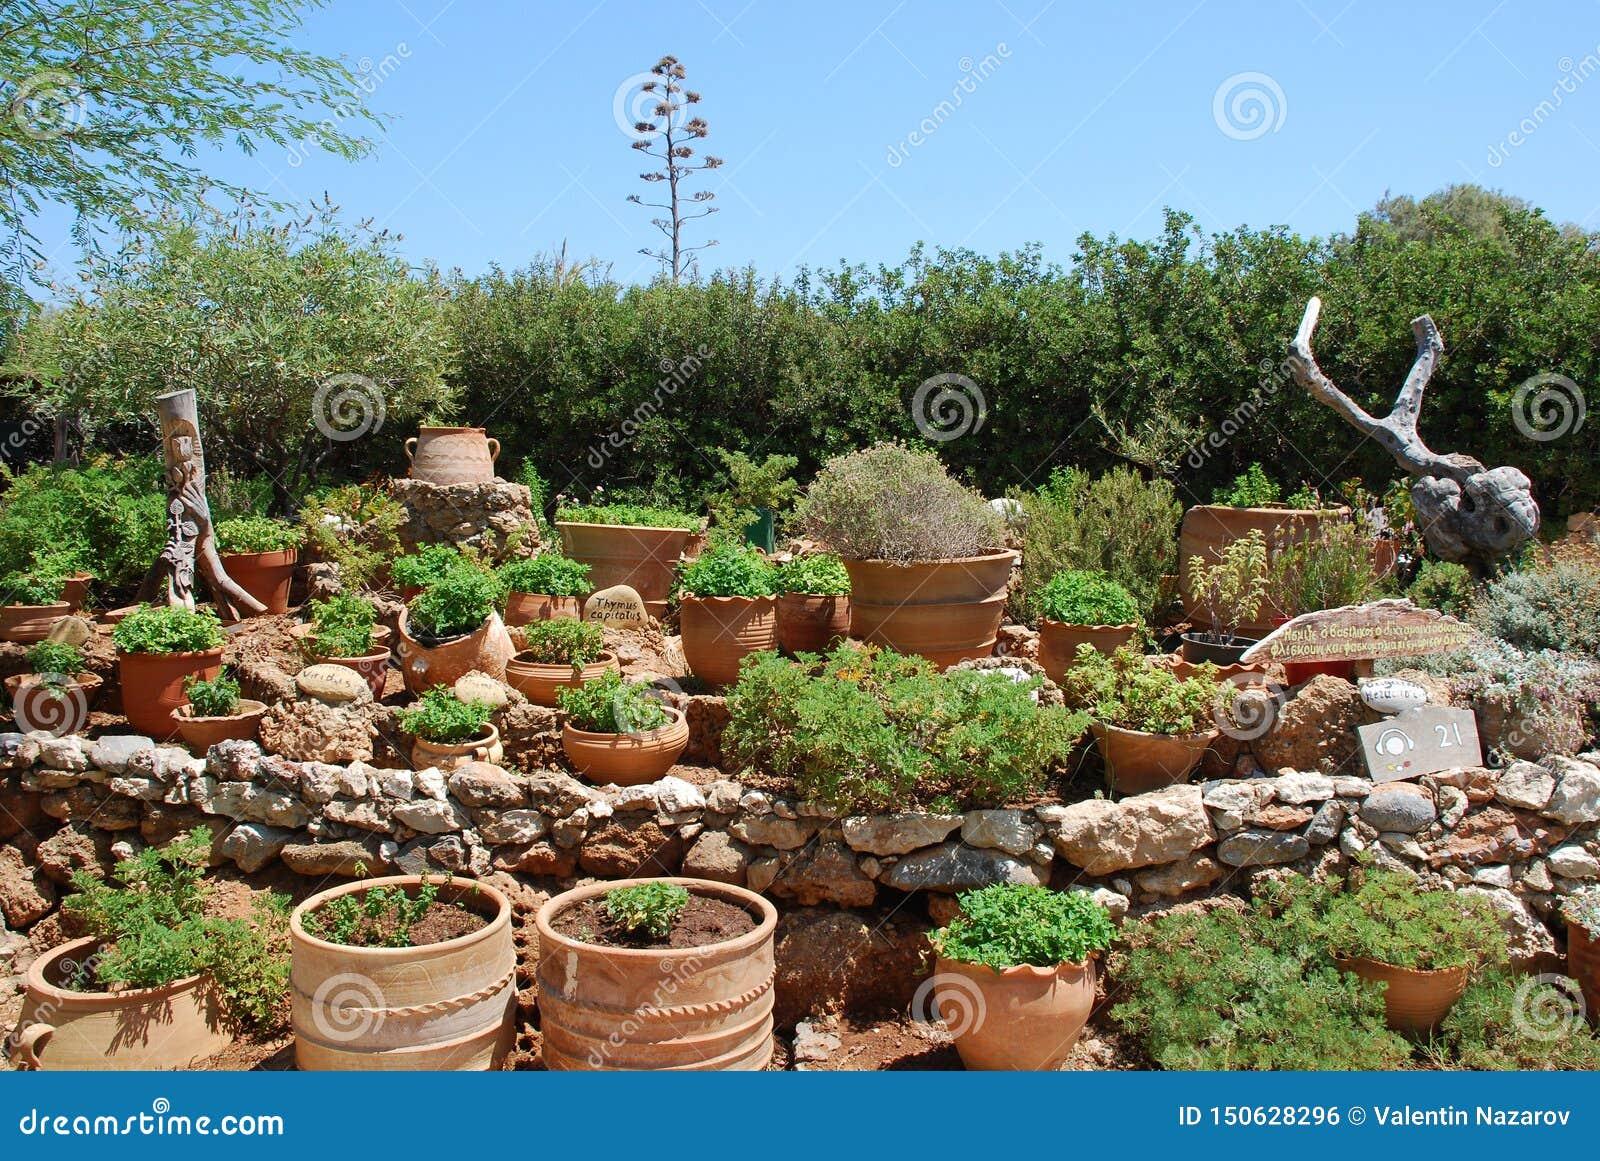 Chersonissos, Cyprus, Griekenland - 31 07 2013: Tuin van installaties en bloemen die in kleipotten groeien